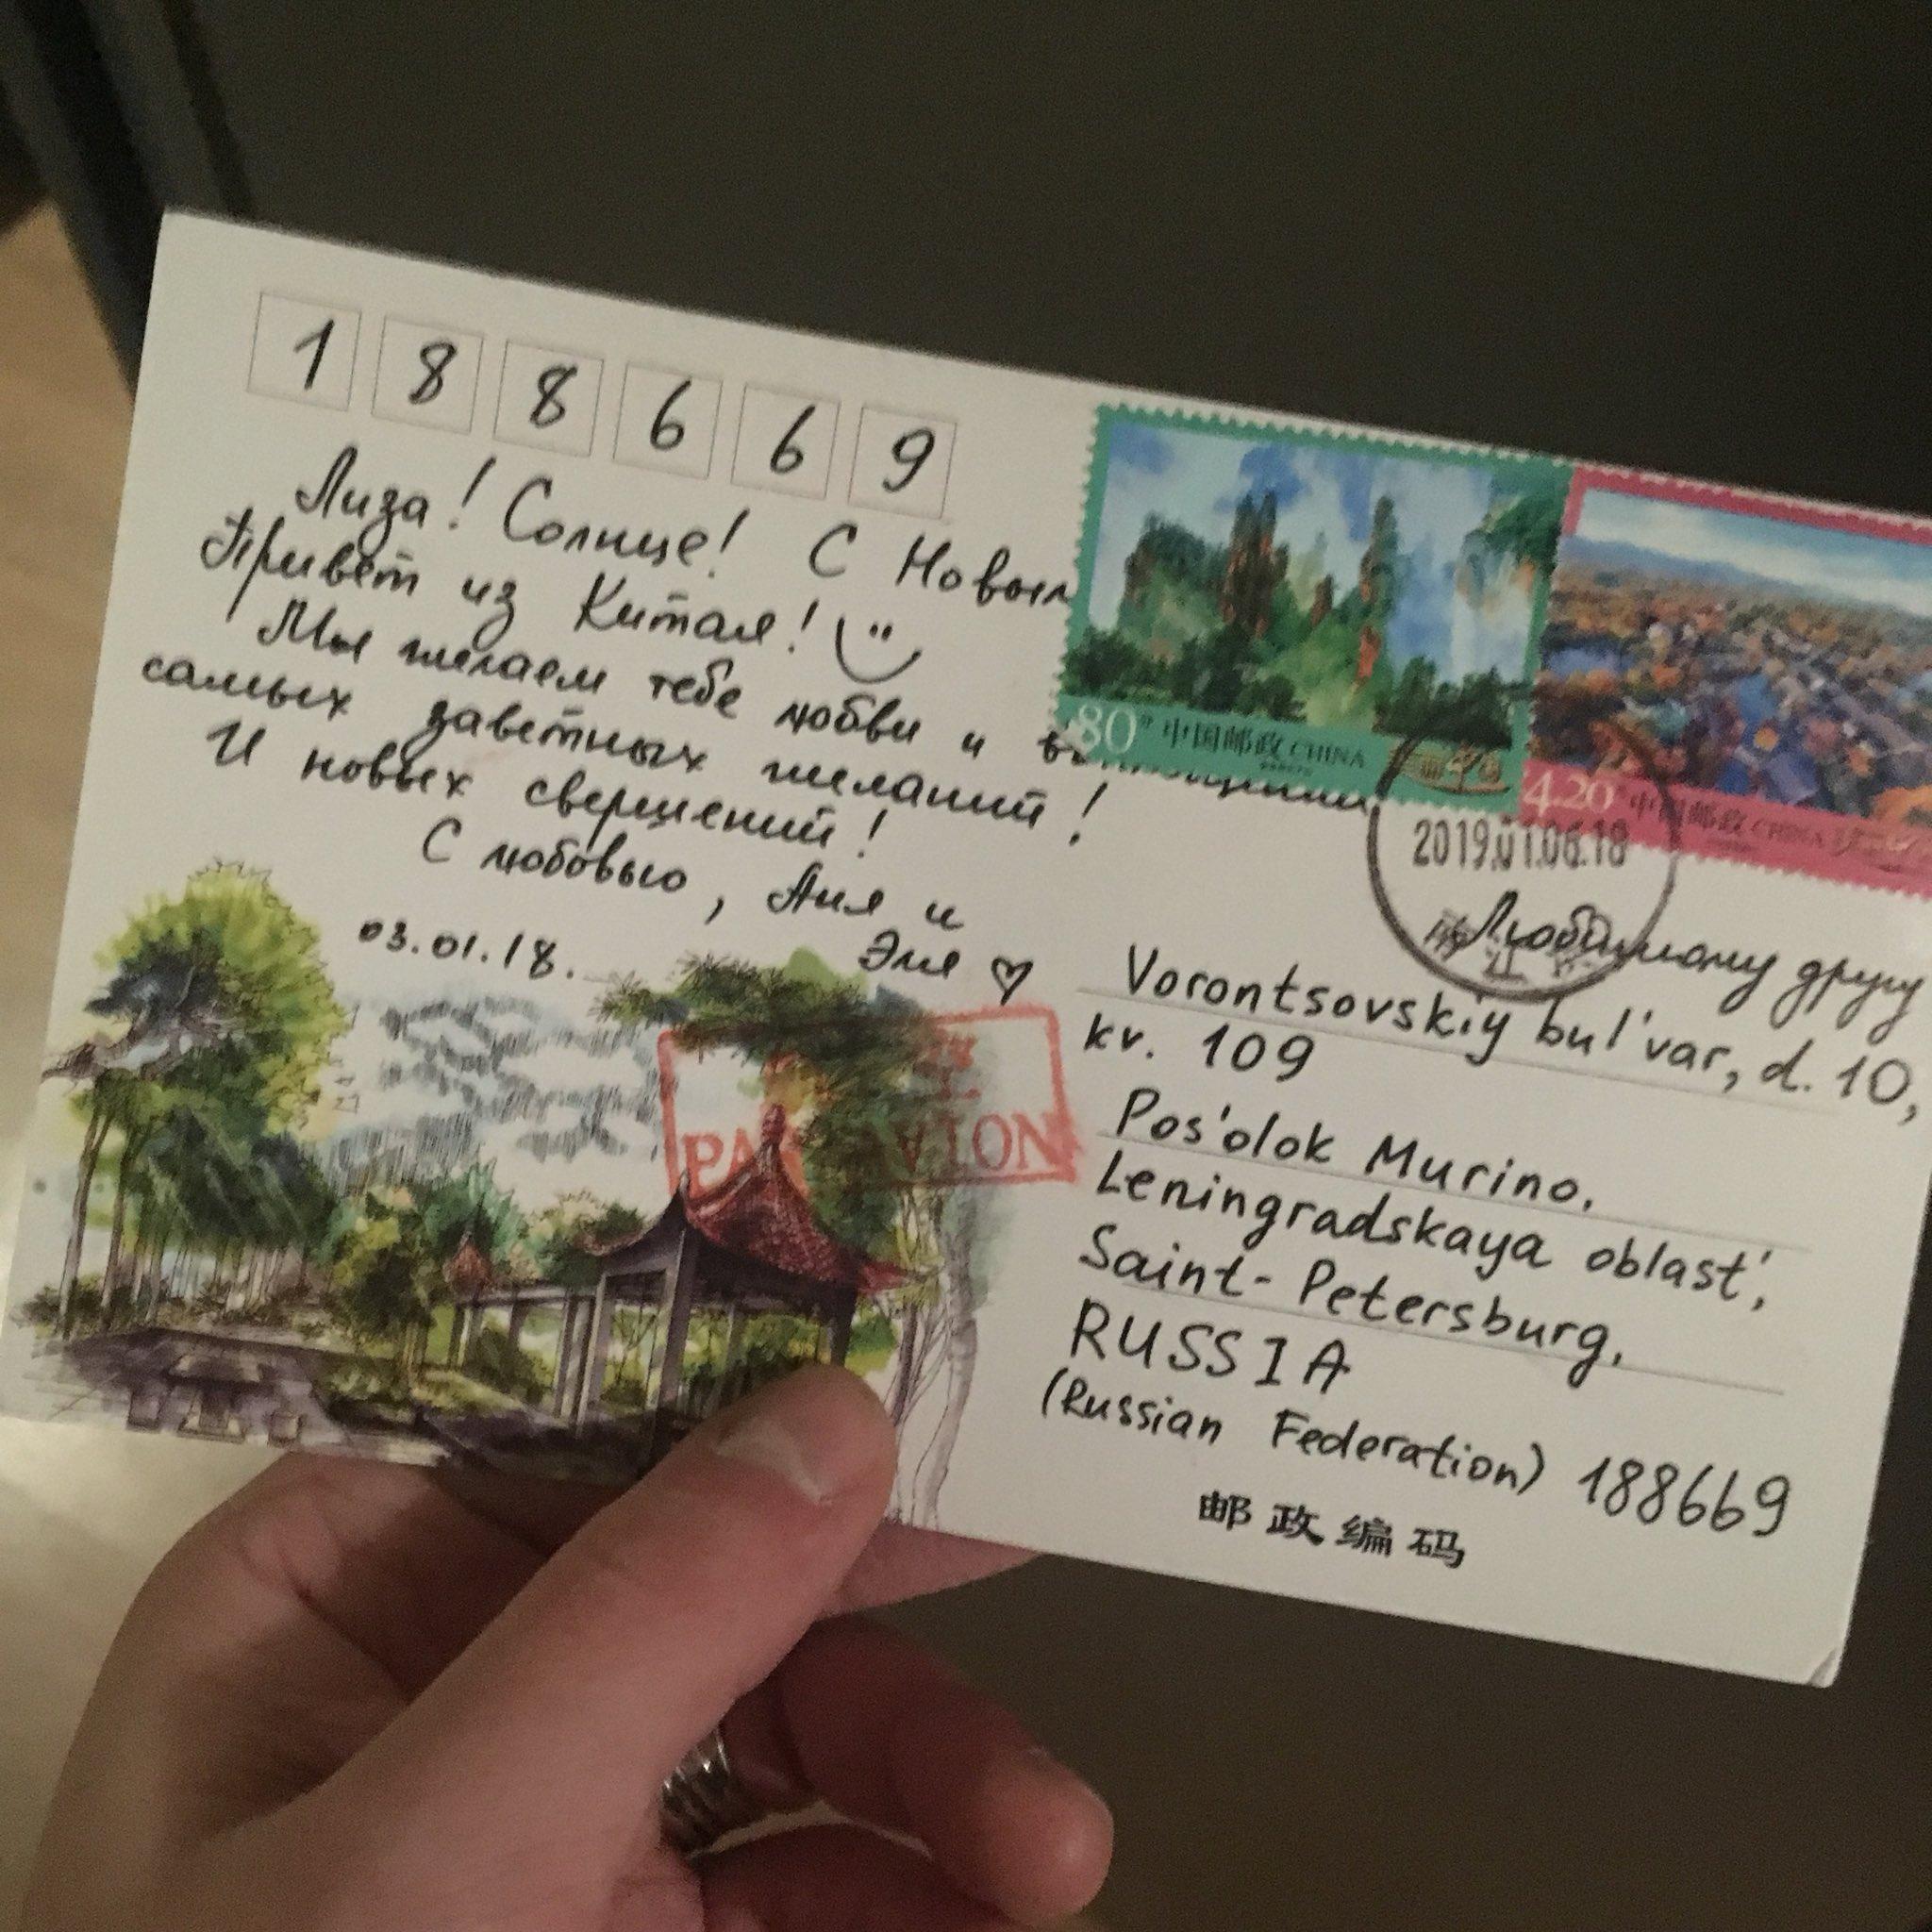 как послать открытку из-за границы зачем тогда спец